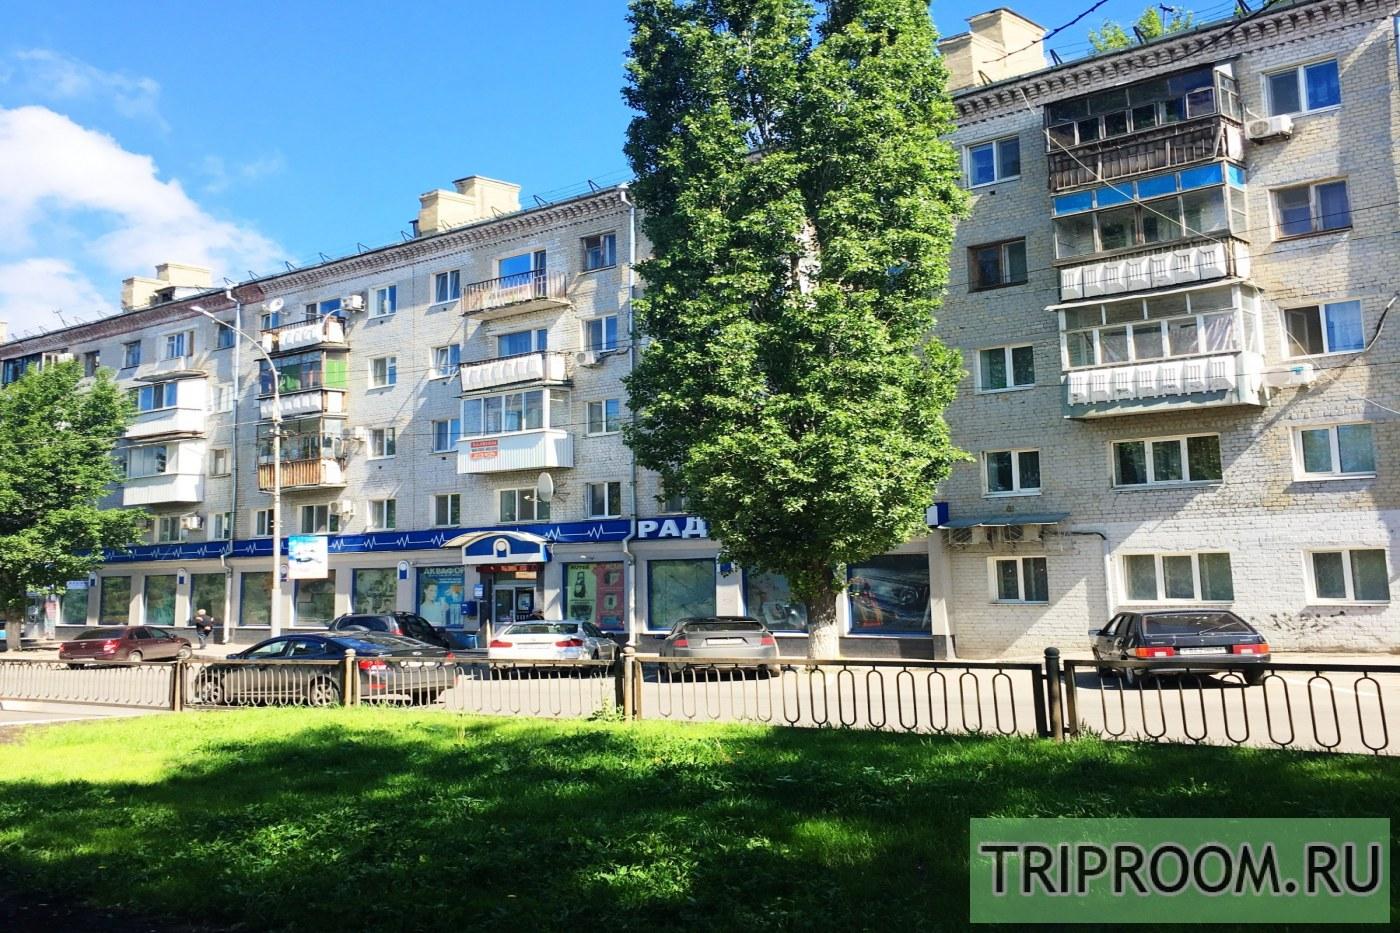 1-комнатная квартира посуточно (вариант № 31160), ул. Жуковского улица, фото № 14